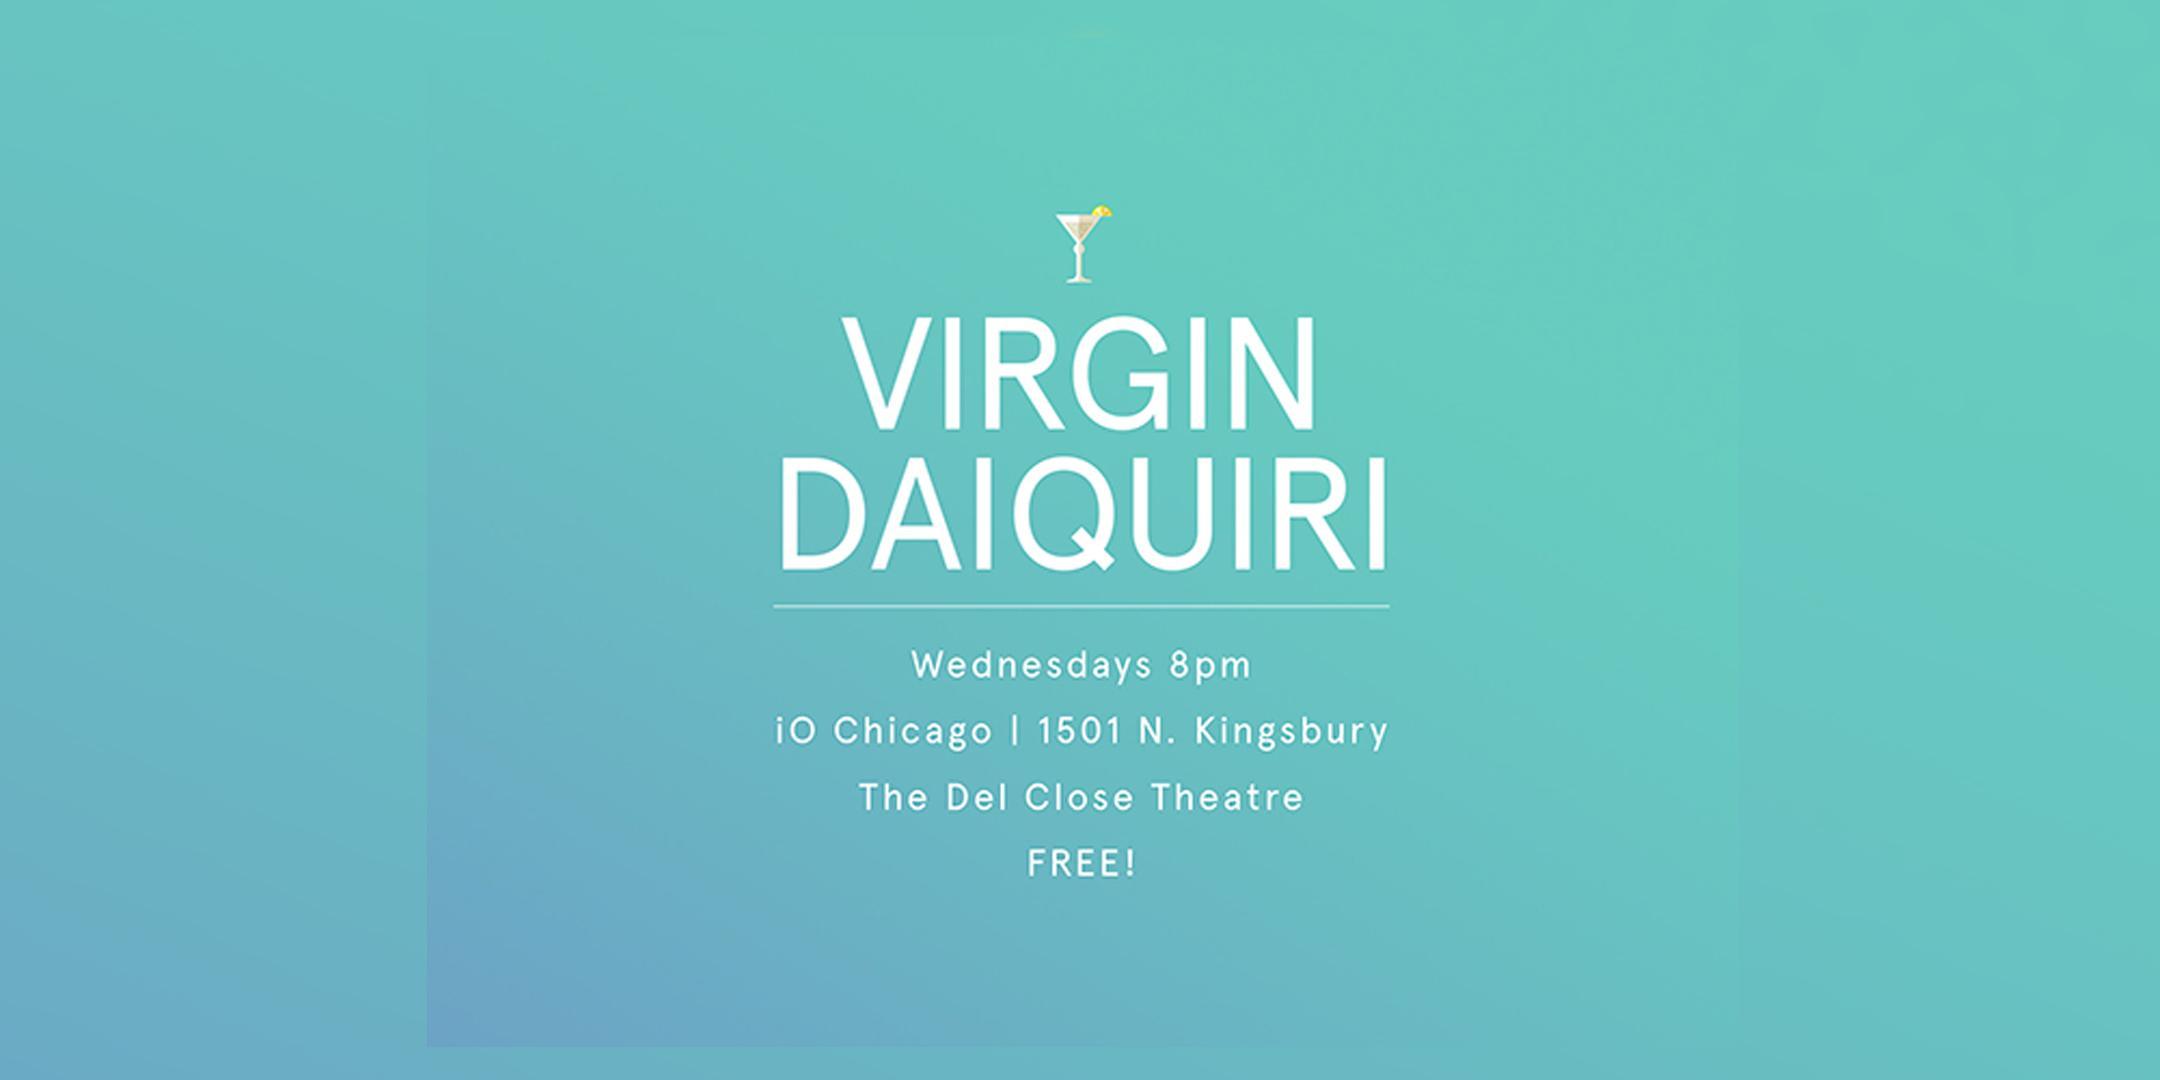 Virgin Daiquiri/ The Harold Team Artemis